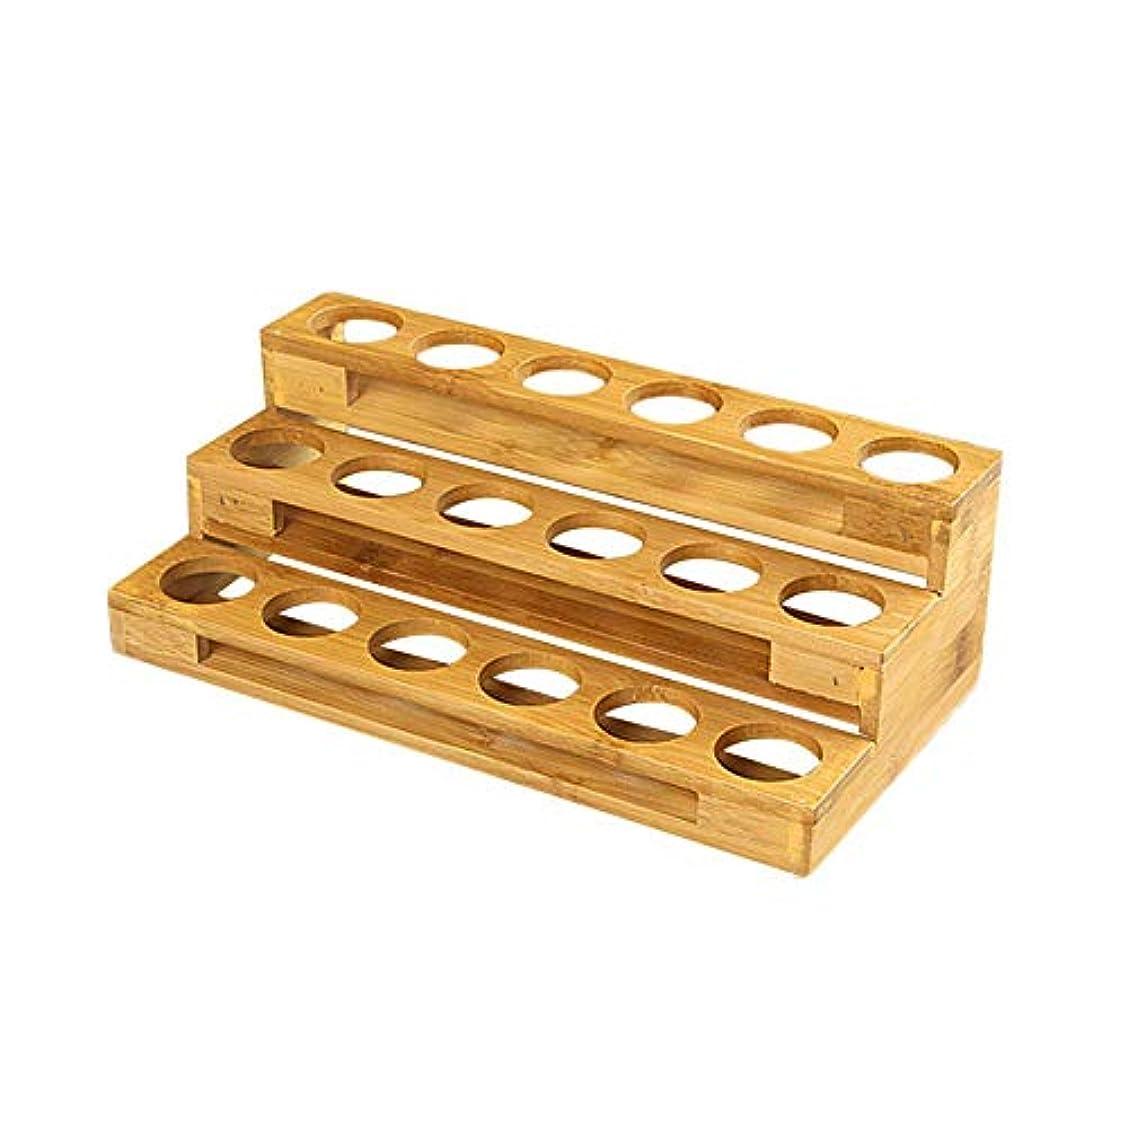 貴重な頭痛ギャラリーエッセンシャルオイル収納ボックス 自然木製 エッセンシャルオイルオイル 収納 ボックス 香水収納ケース はしごタイプ アロマオイル収納ボックス 18本用